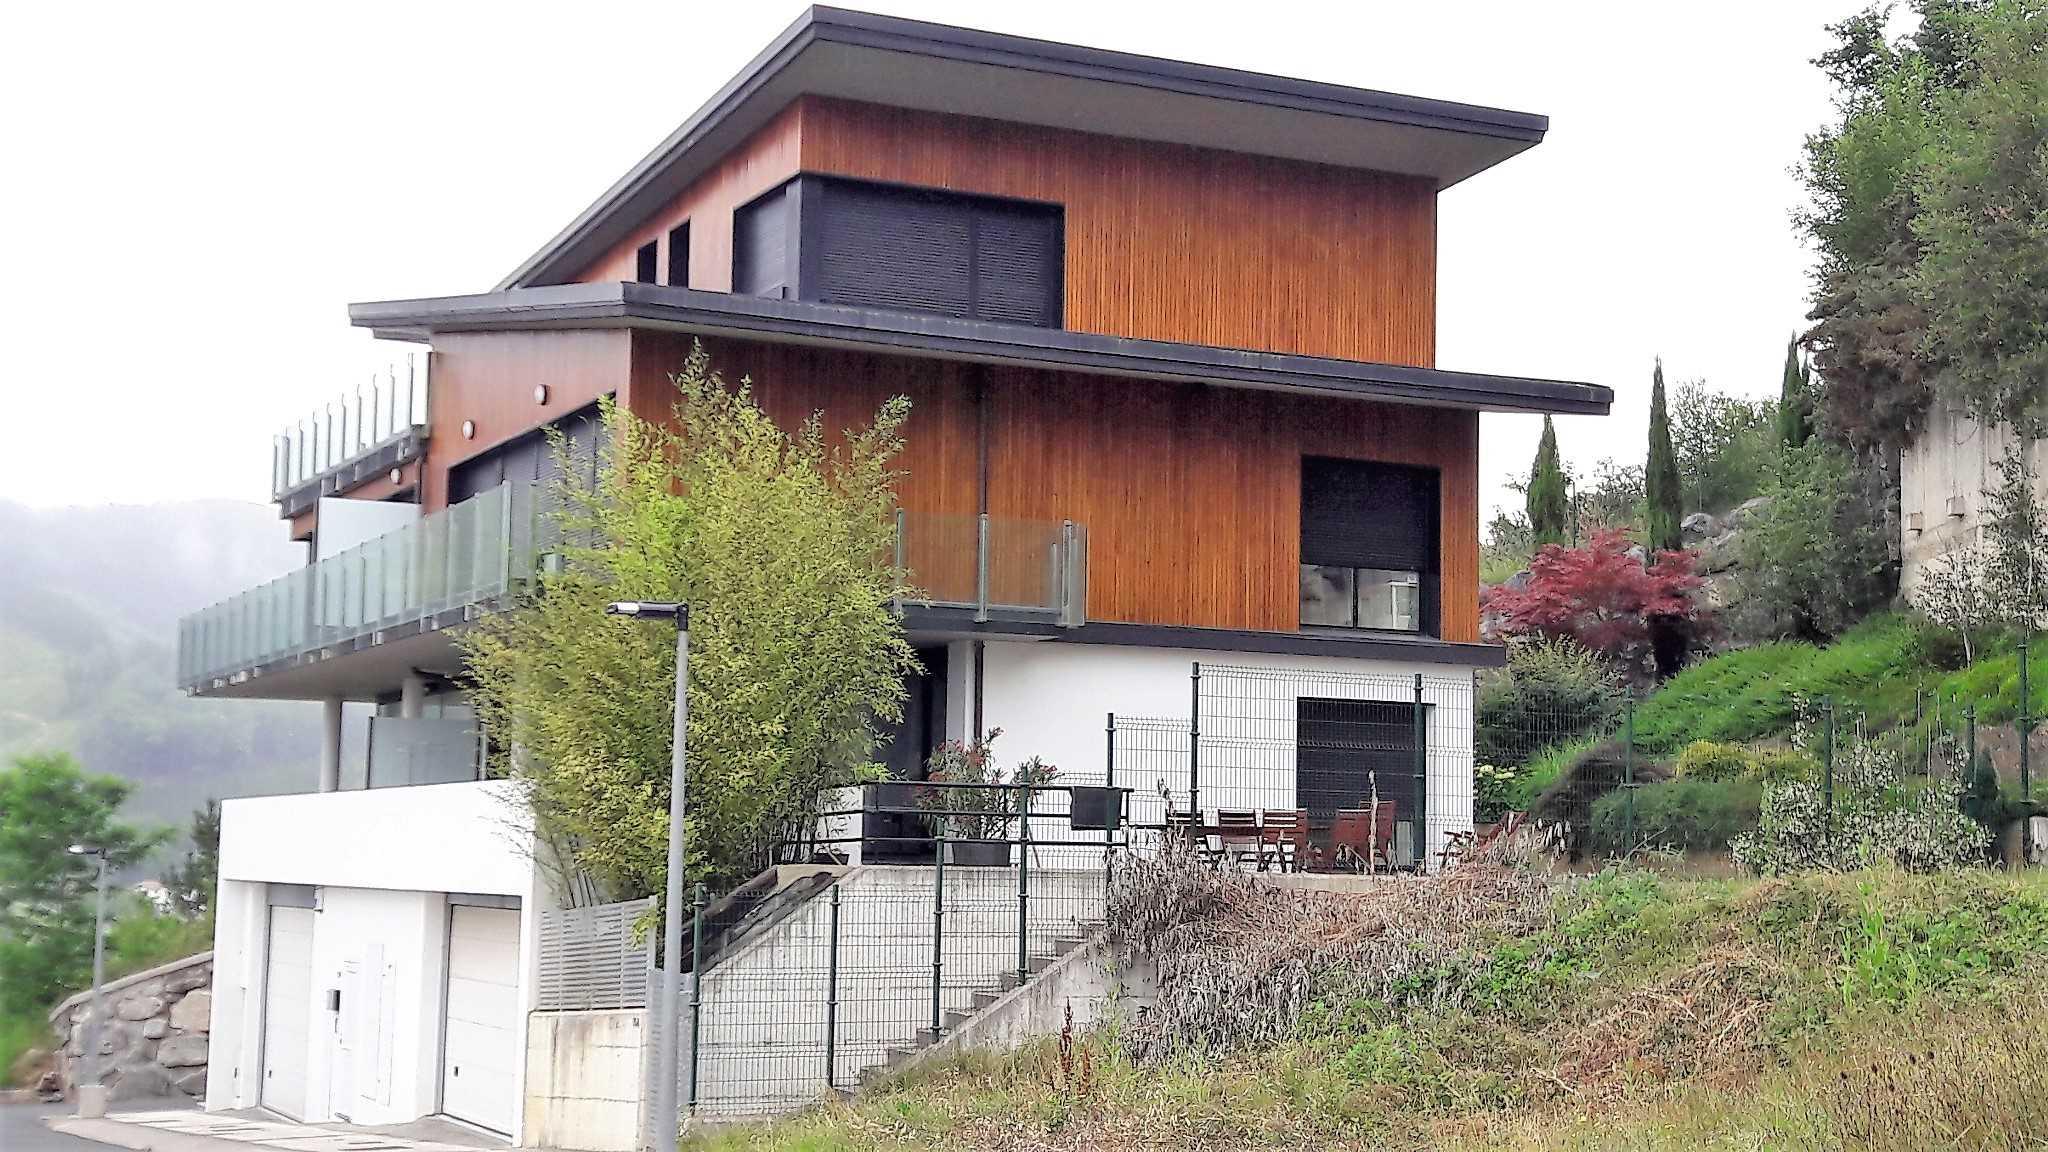 Venta de casas/chalet en Urretxu,